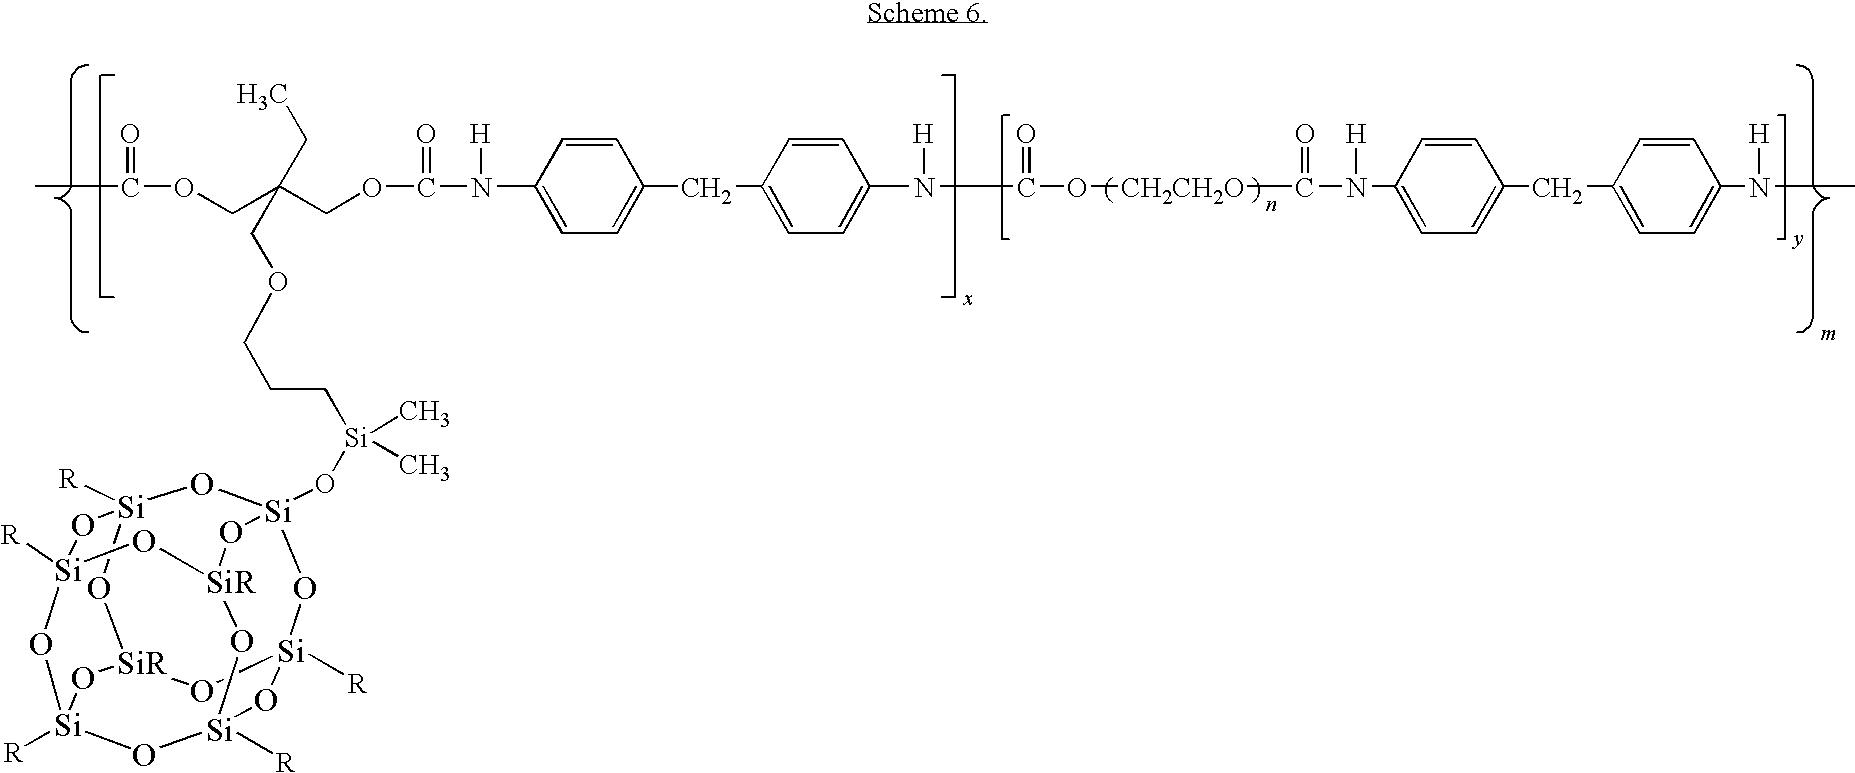 Figure US20090253842A1-20091008-C00006